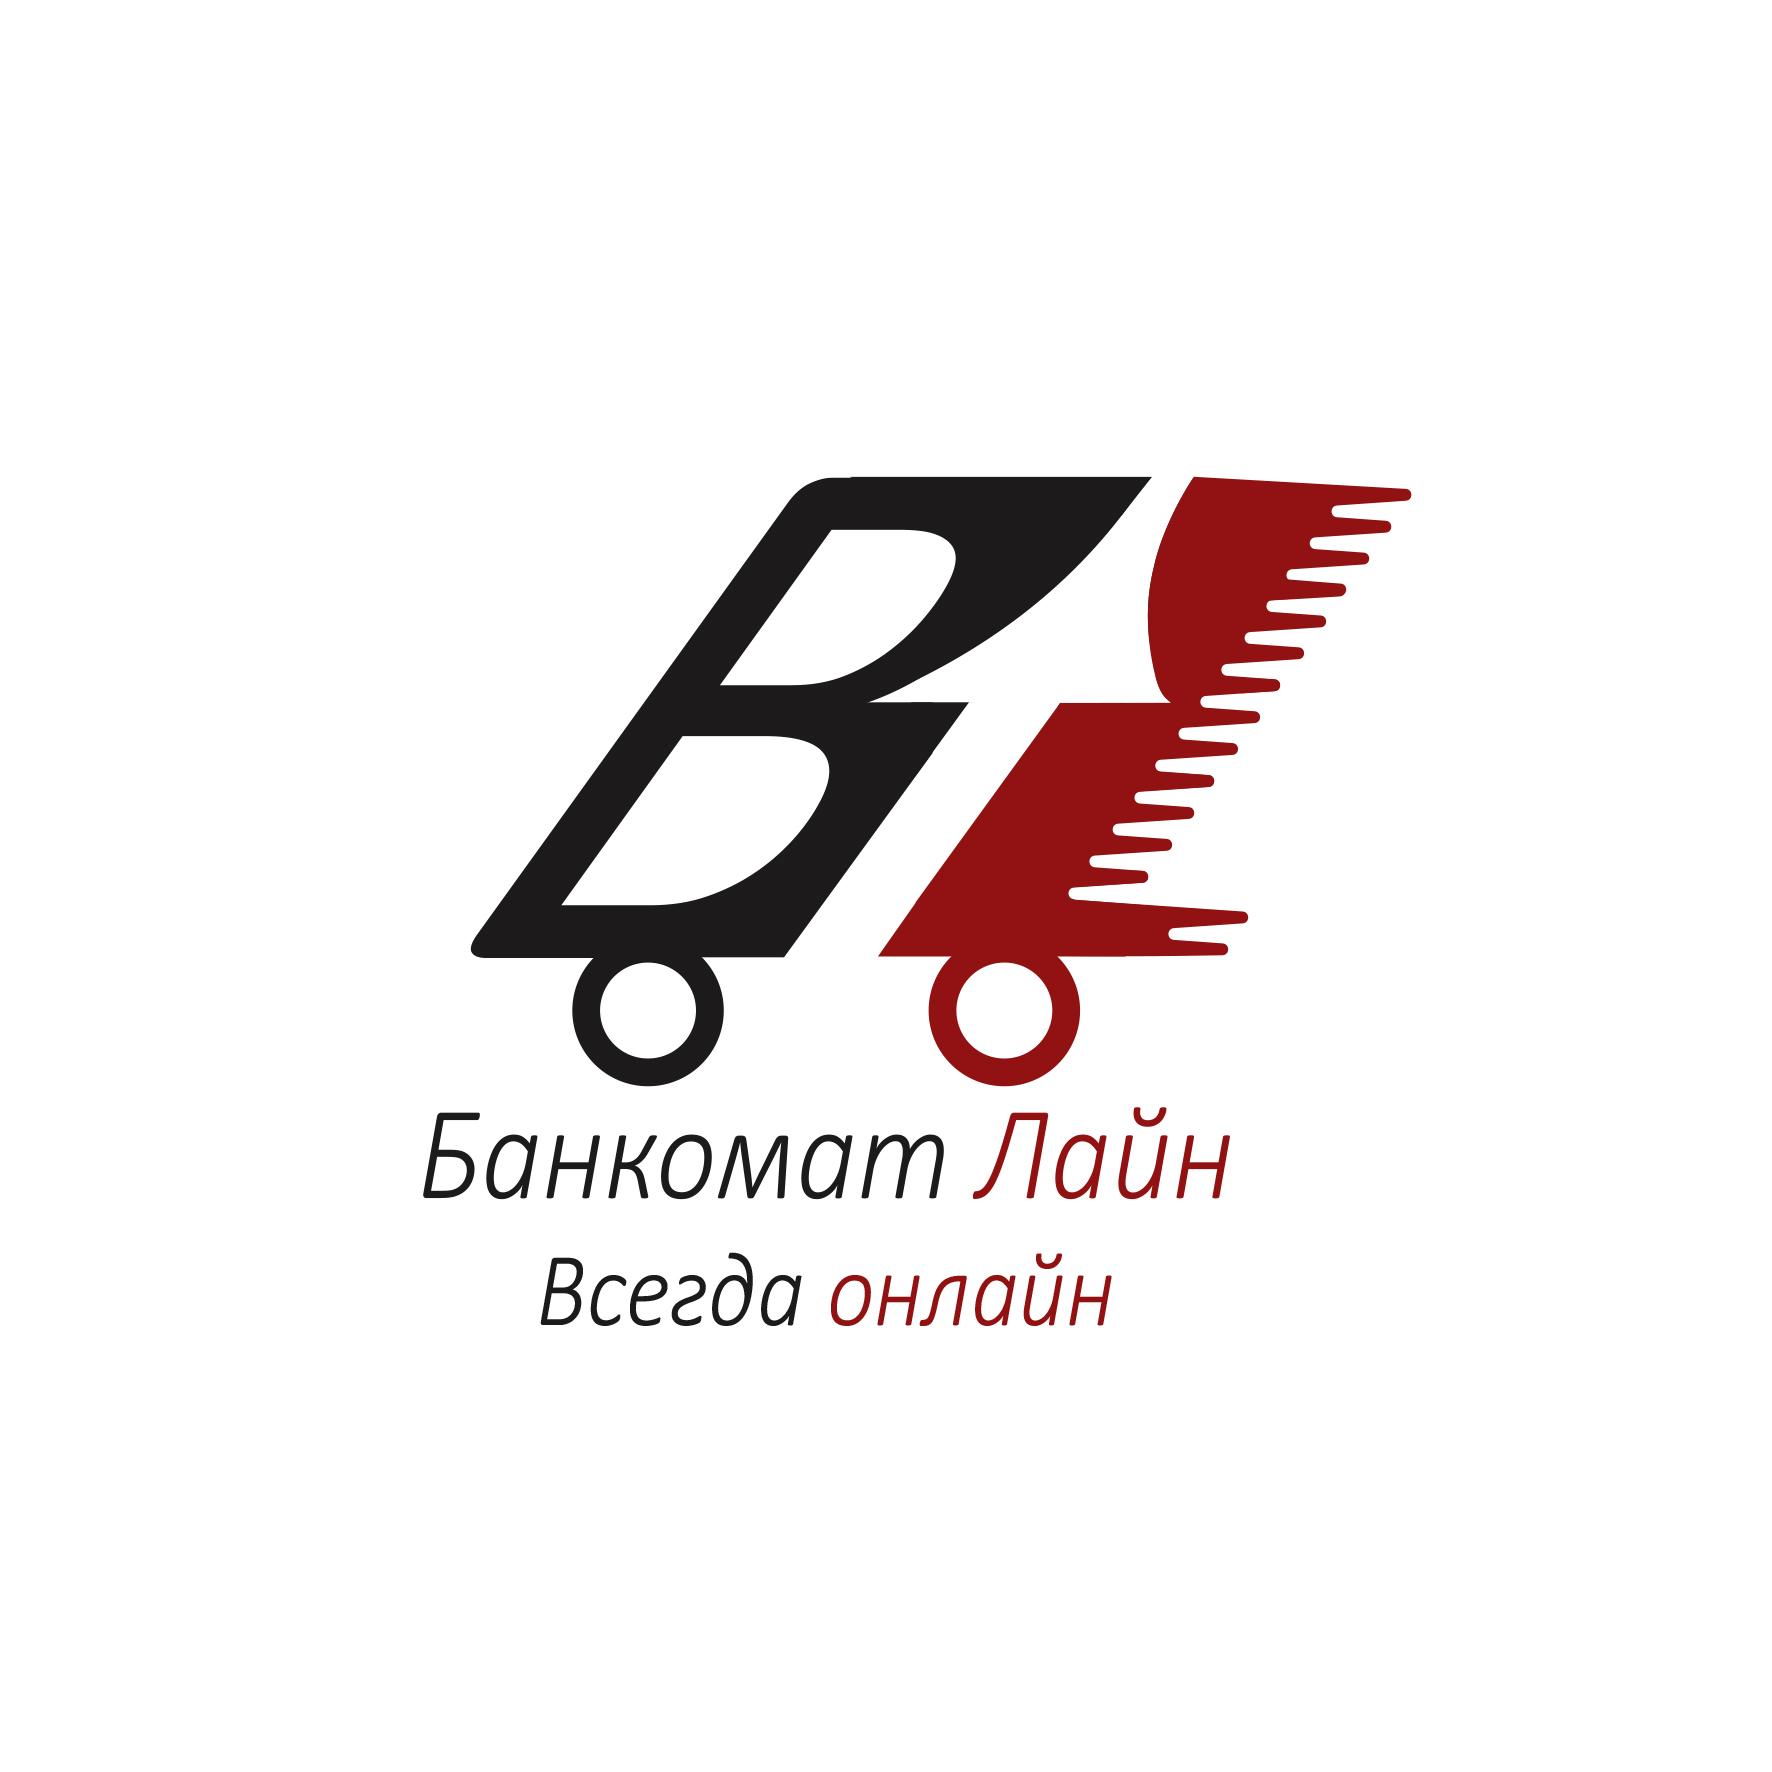 Разработка логотипа и слогана для транспортной компании фото f_7025880c1194e70c.jpg